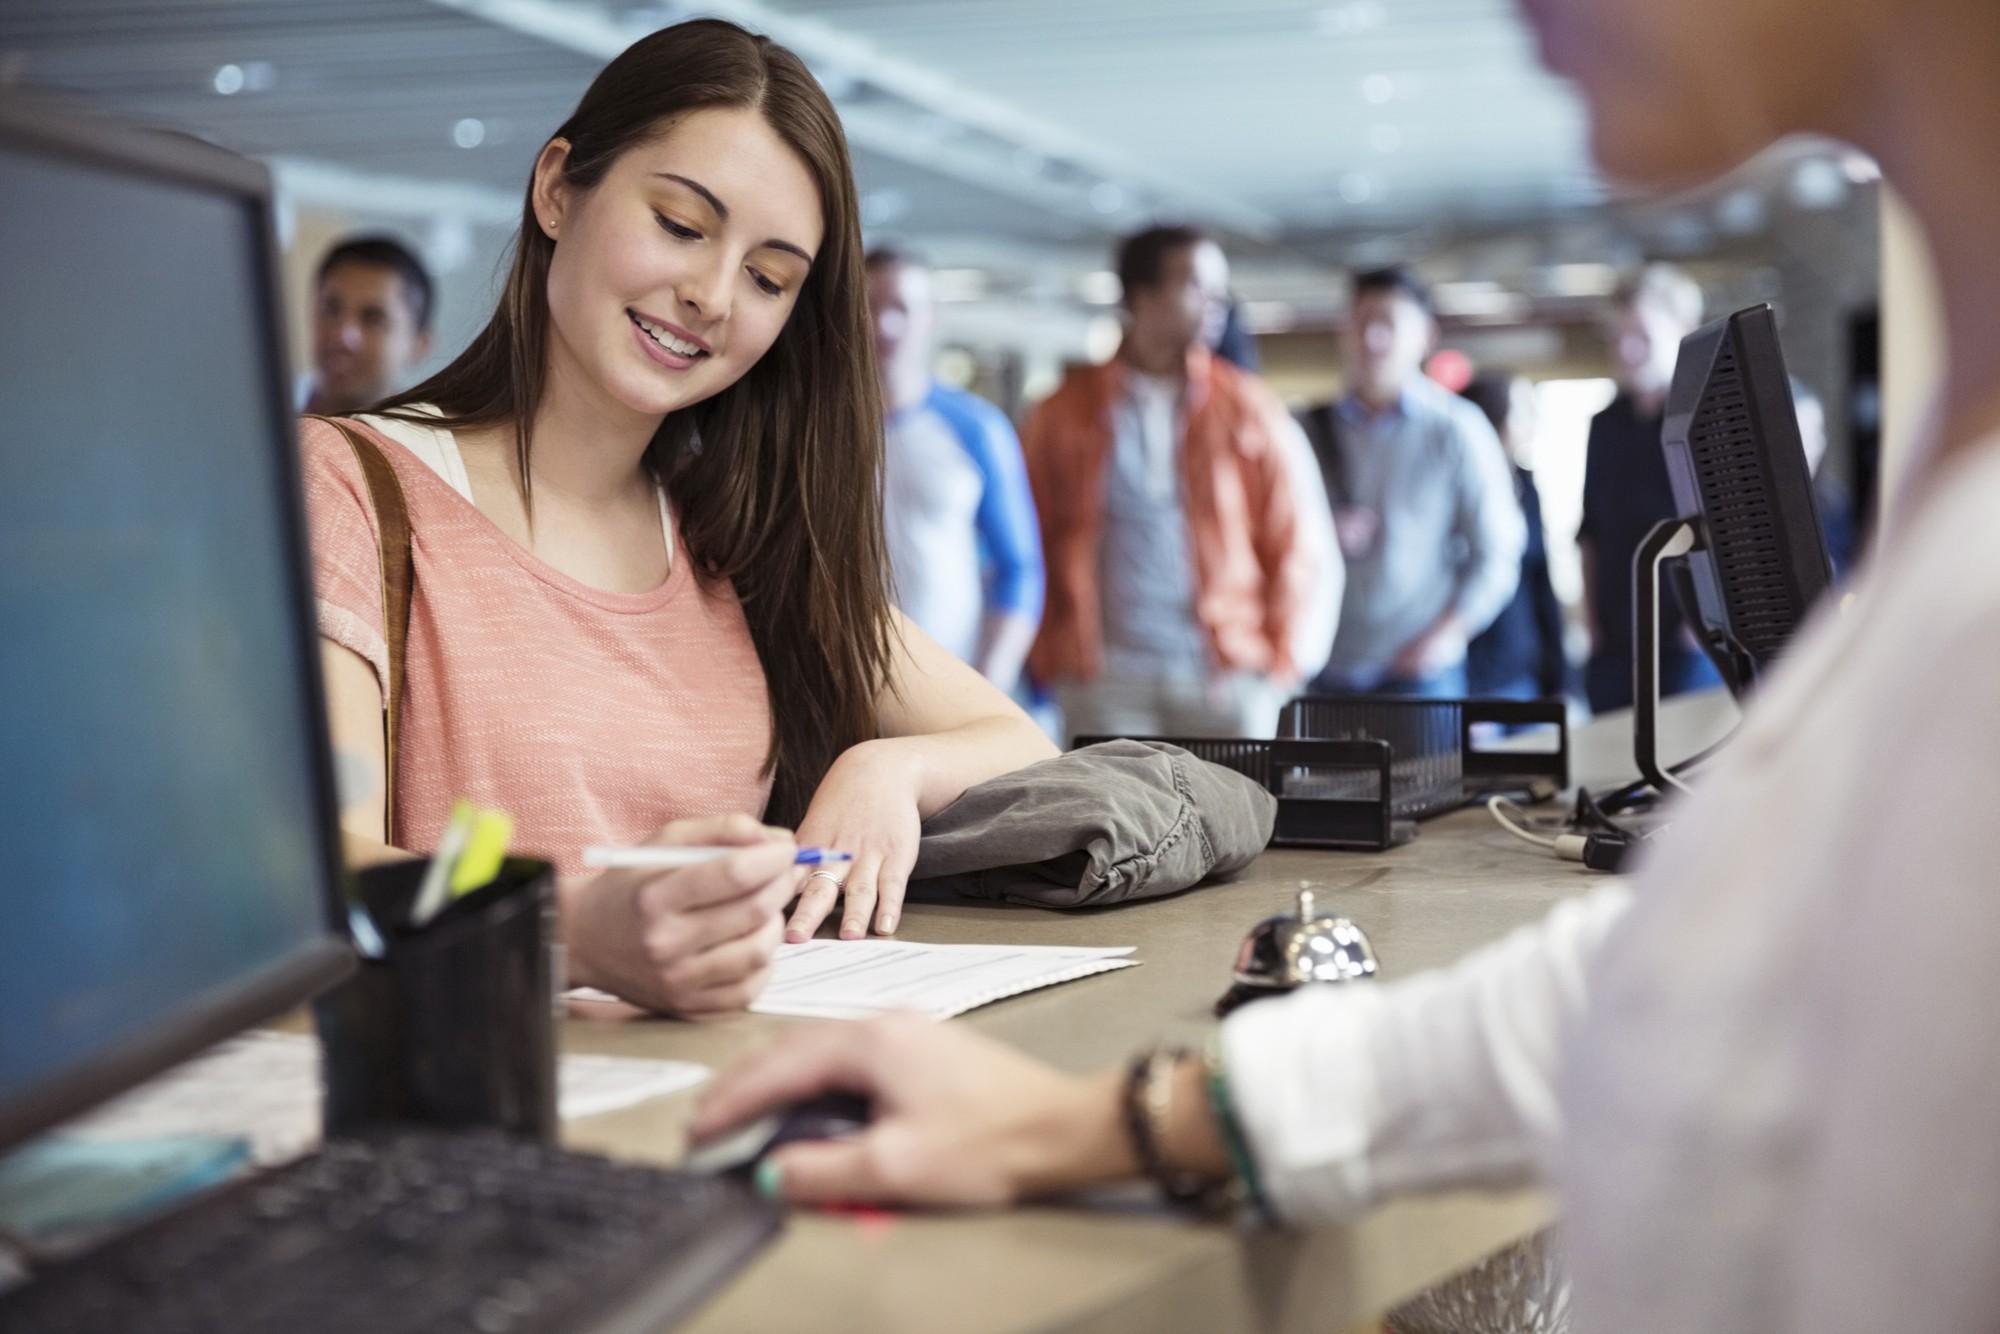 Nhiều sinh viên mới ra trường, chưa có kinh nghiệm mong muốn mức lương 1000 USD - Ảnh 1.